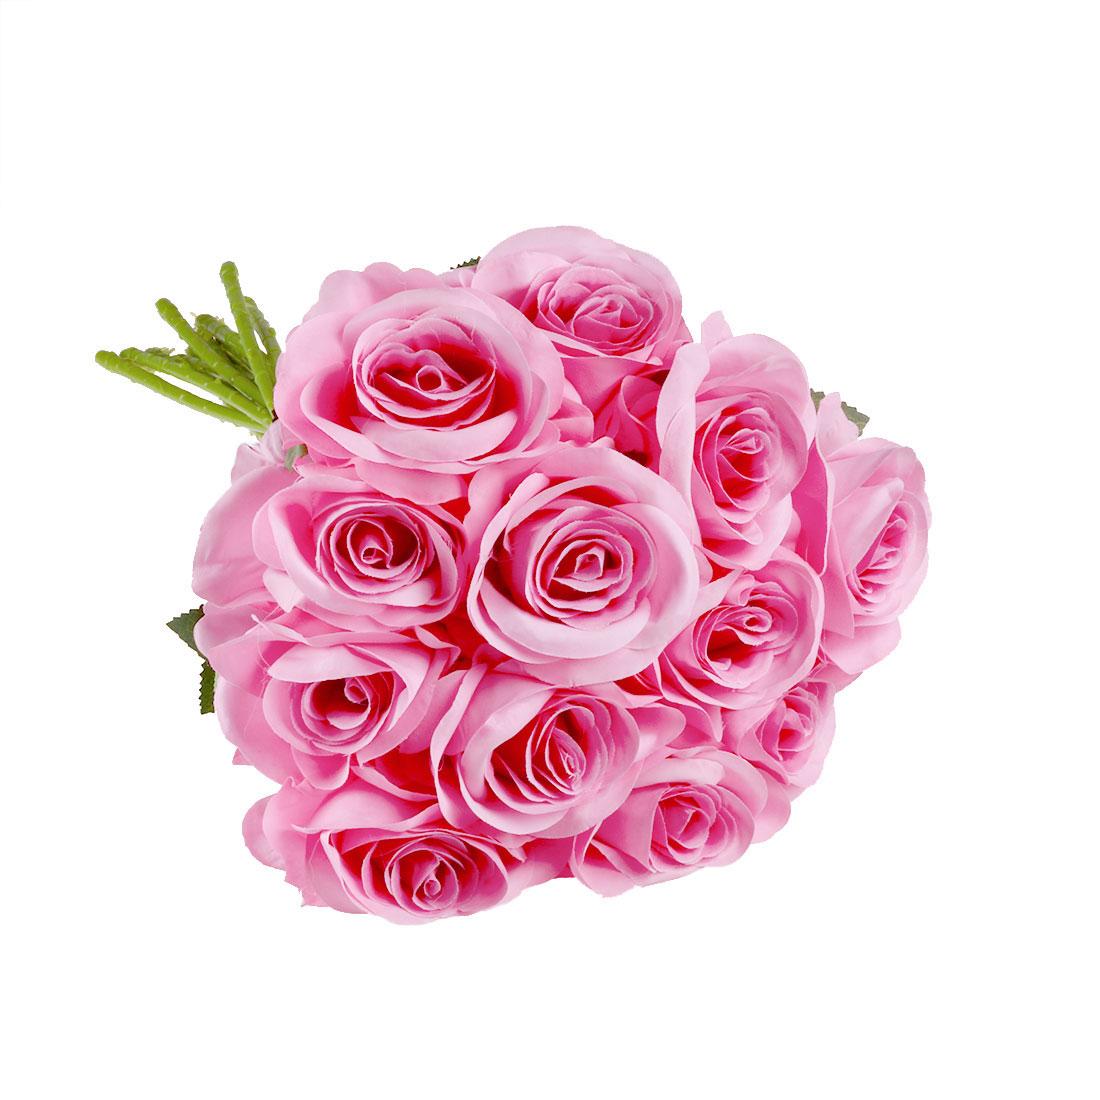 Artificial Silk Rose Flowers Rose Bouquet Wedding Home Decor Light Pink 12pcs